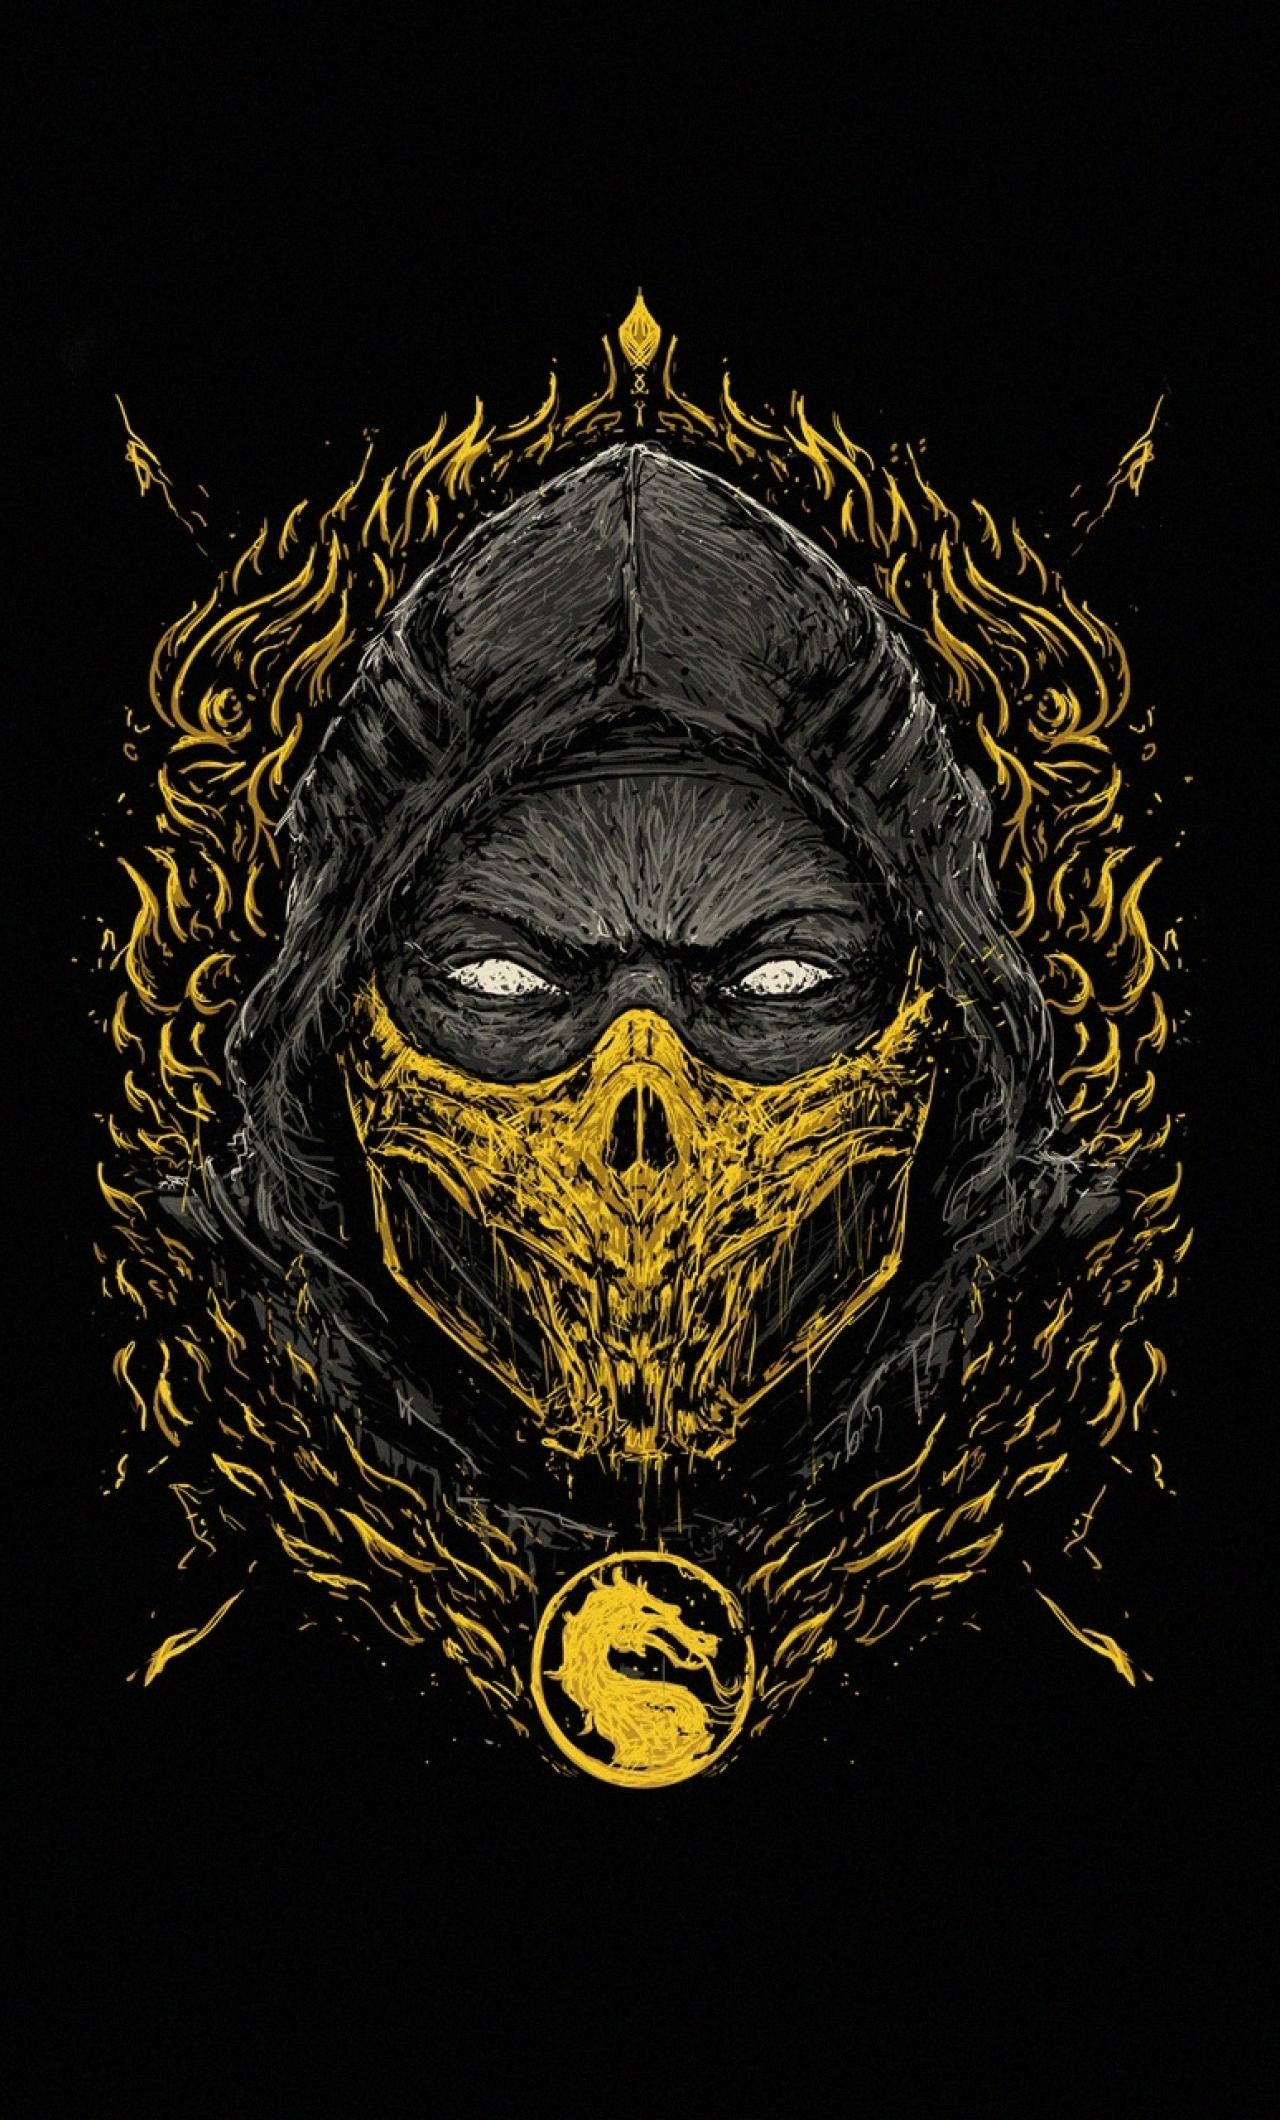 Scorpion Iphone 6 Scorpion Mortal Kombat 11 Wallpaper Wallpapershit